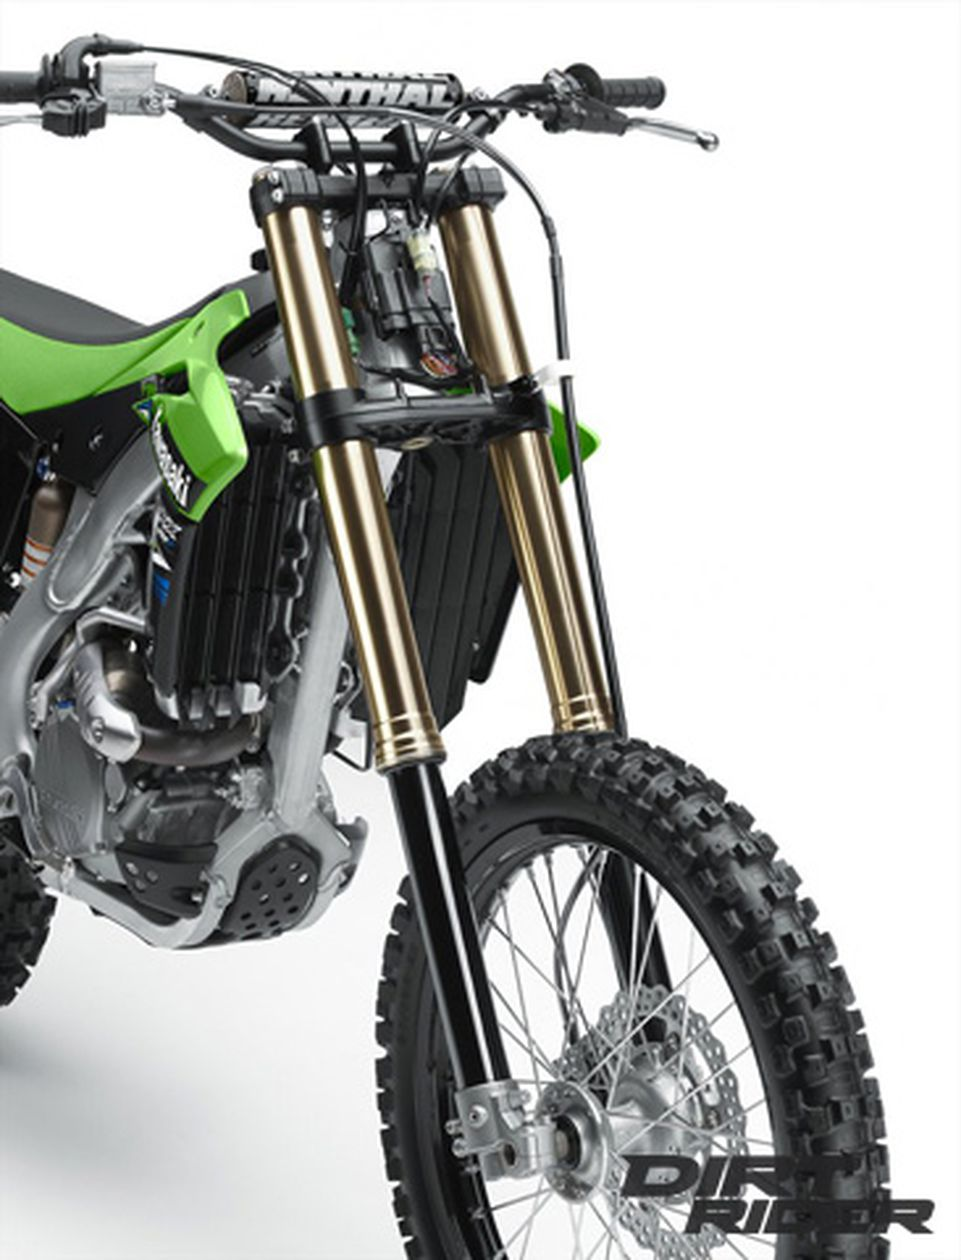 2014 Kawasaki KX250F & KX450F | Dirt Rider